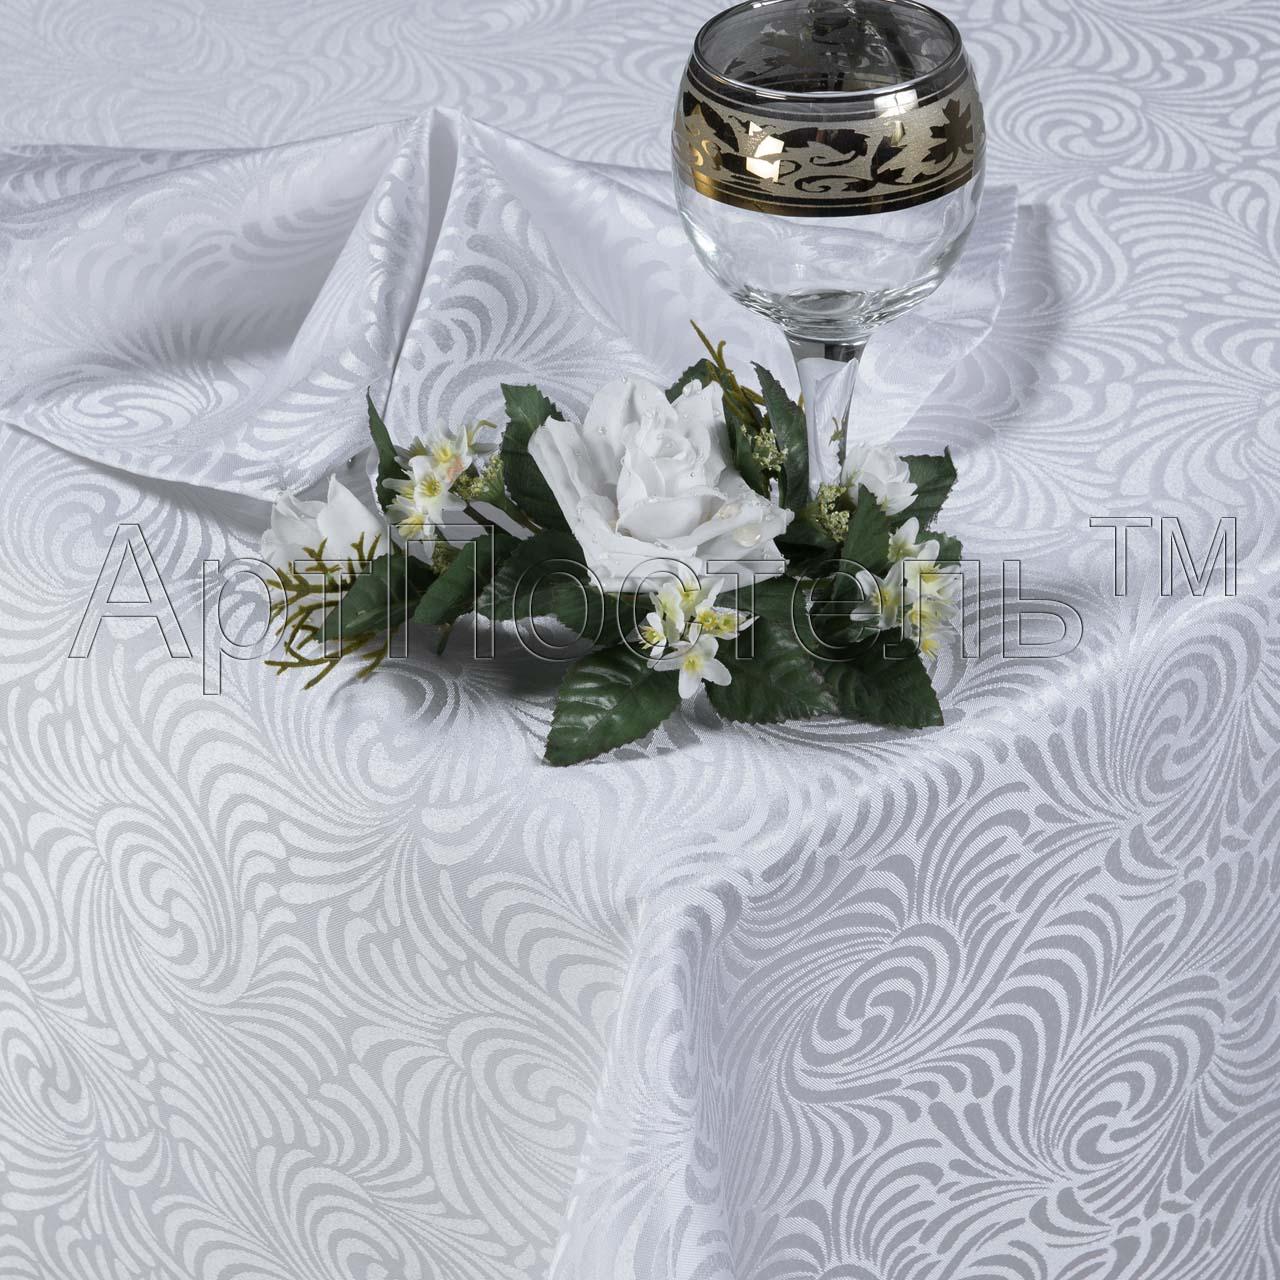 Комплект Версаль Белый, размер 120х150 смКухонные принадлежности<br>Скатерть:120х150 см - 1 шт.<br>Салфетка:35х35 см - 4 шт.<br><br>Тип: Кухонные принадлежности<br>Размер: 120х150<br>Материал: Полиэстер